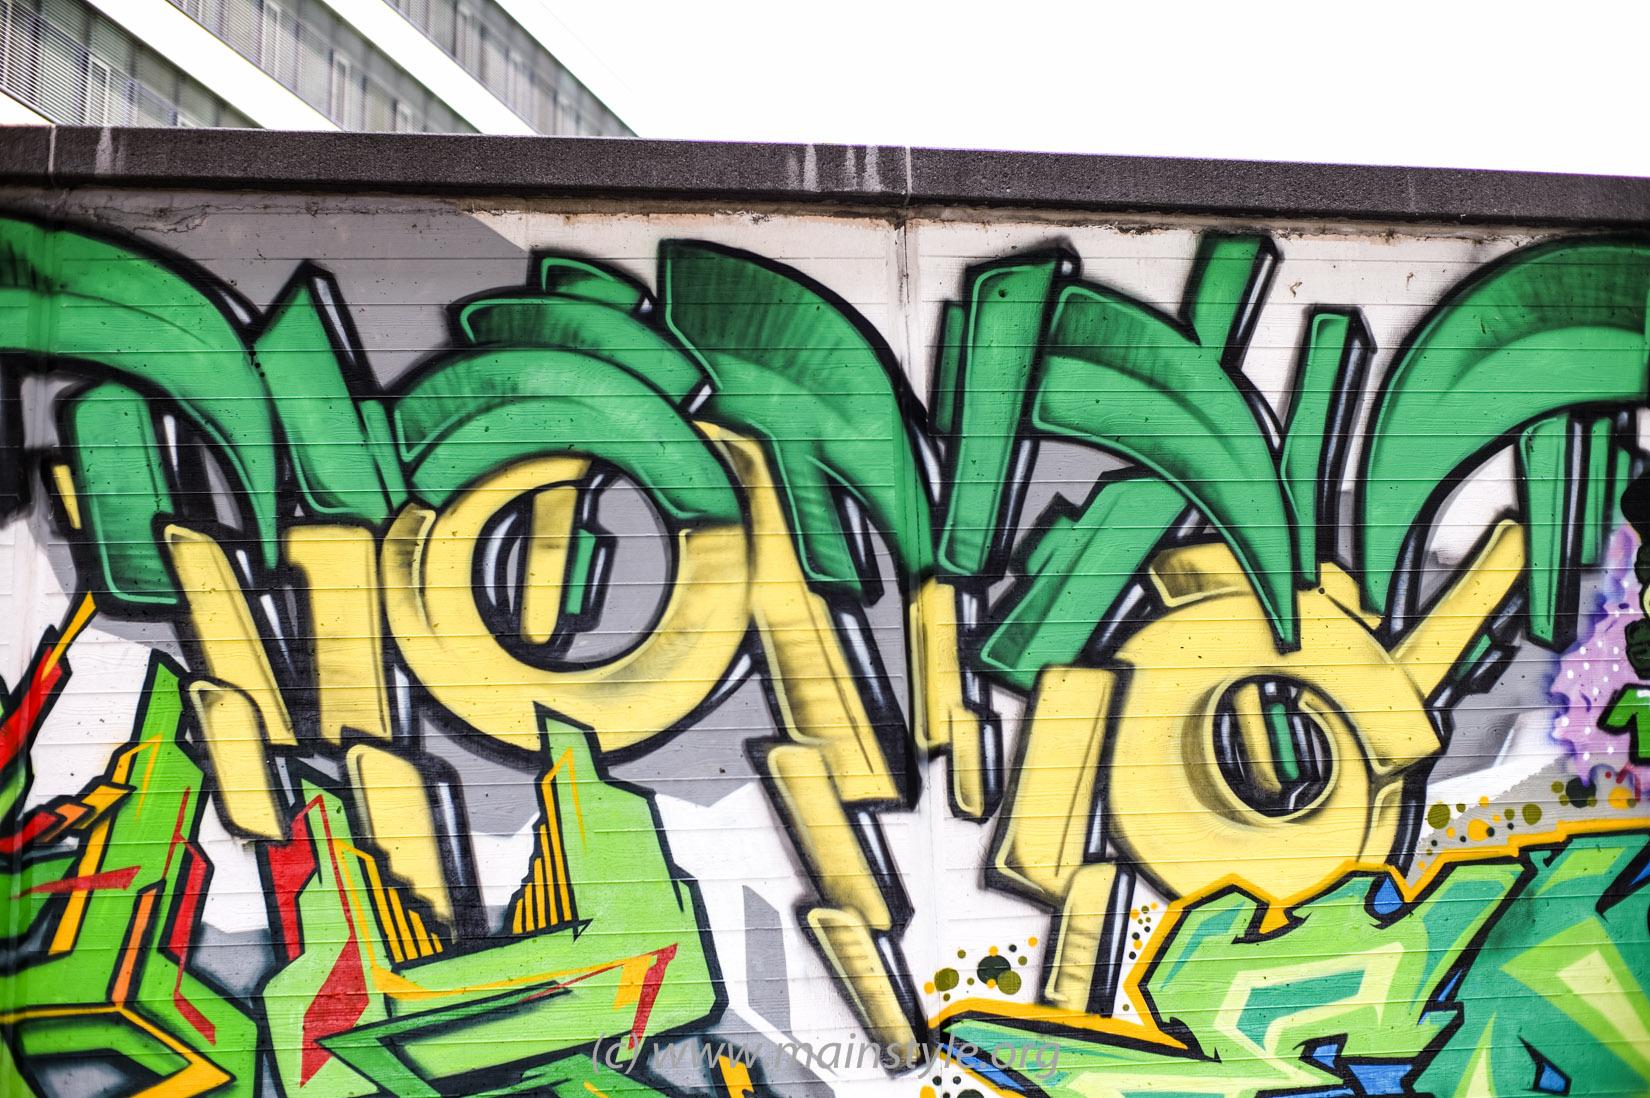 Frankfurt-Höchst_Graffiti_Süwag-Wall_2012 (20 von 35)